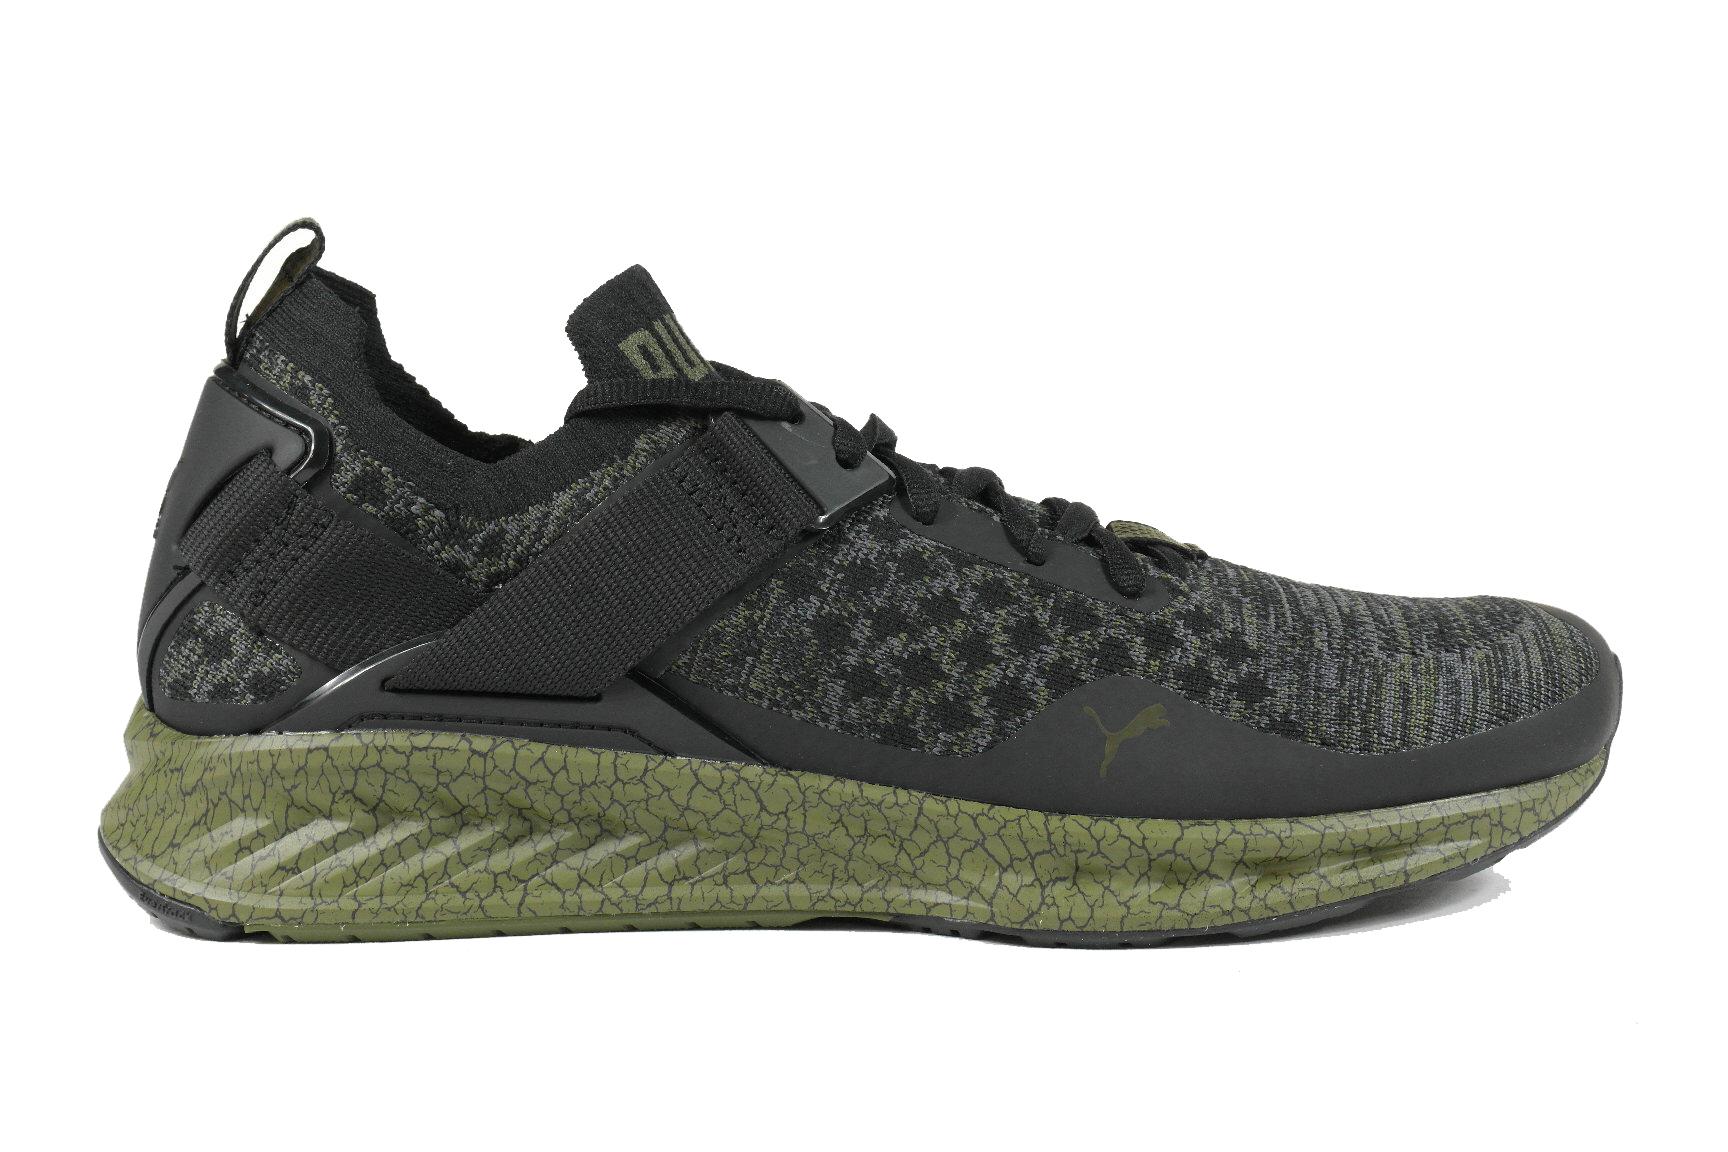 d1806ffdf92 Puma Ignite Euvoknit heren sneakers zwart dessin van sneakers